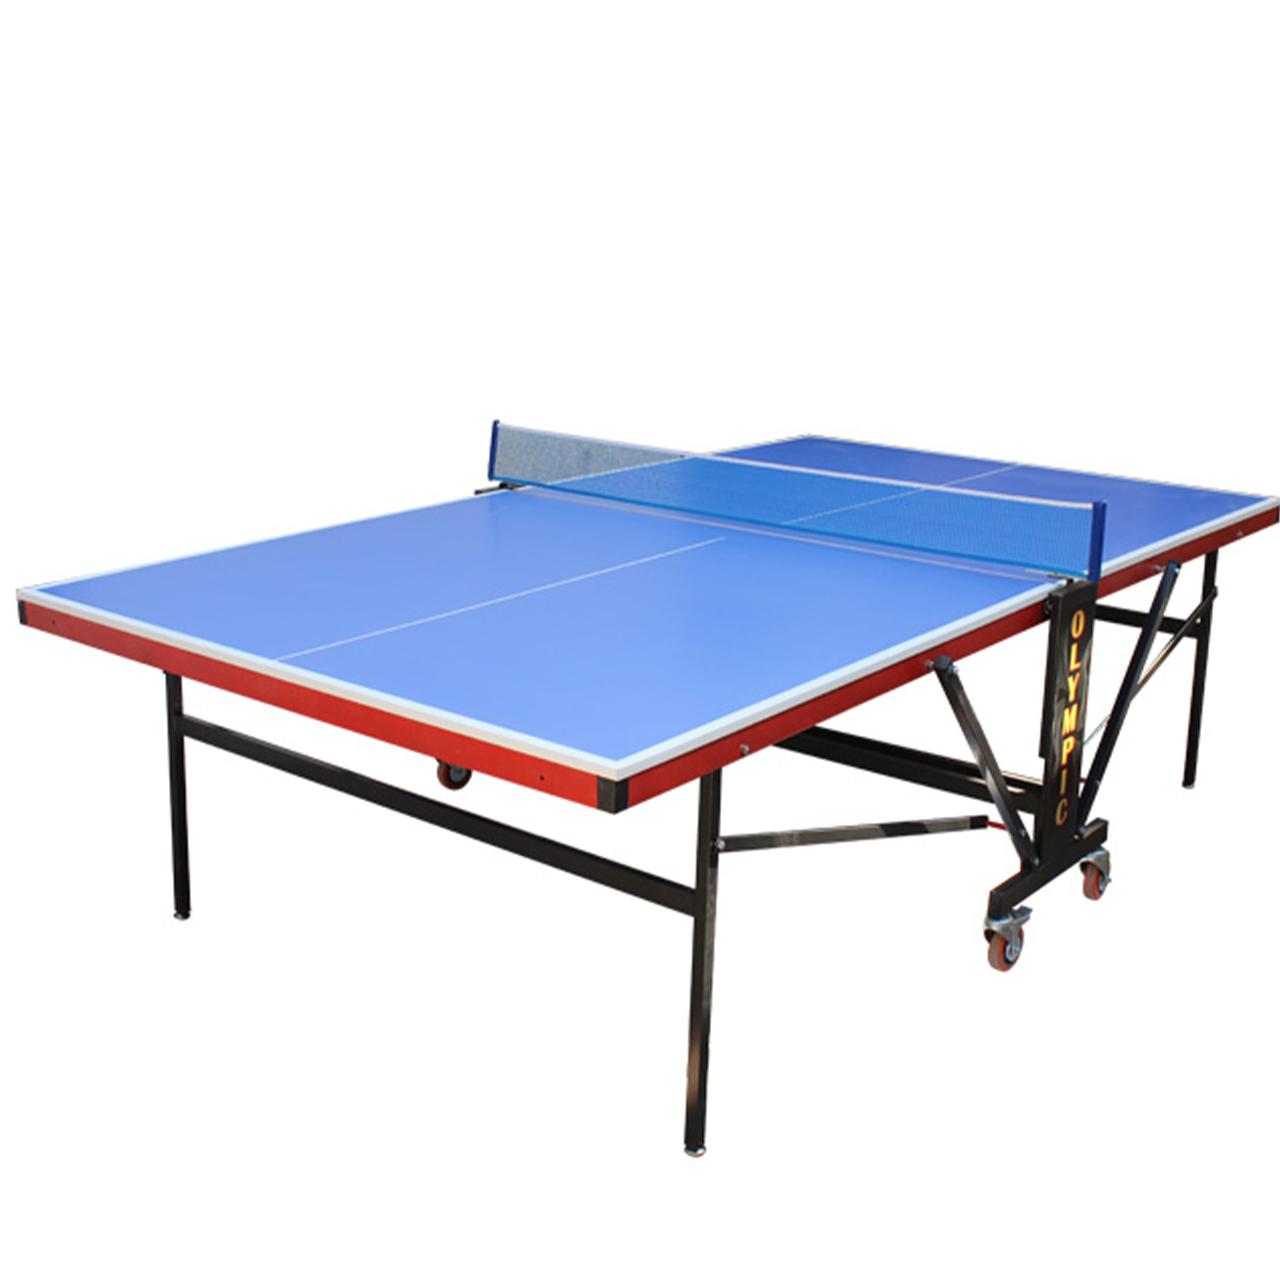 میز پینگ پنگ المپیک مدل 42